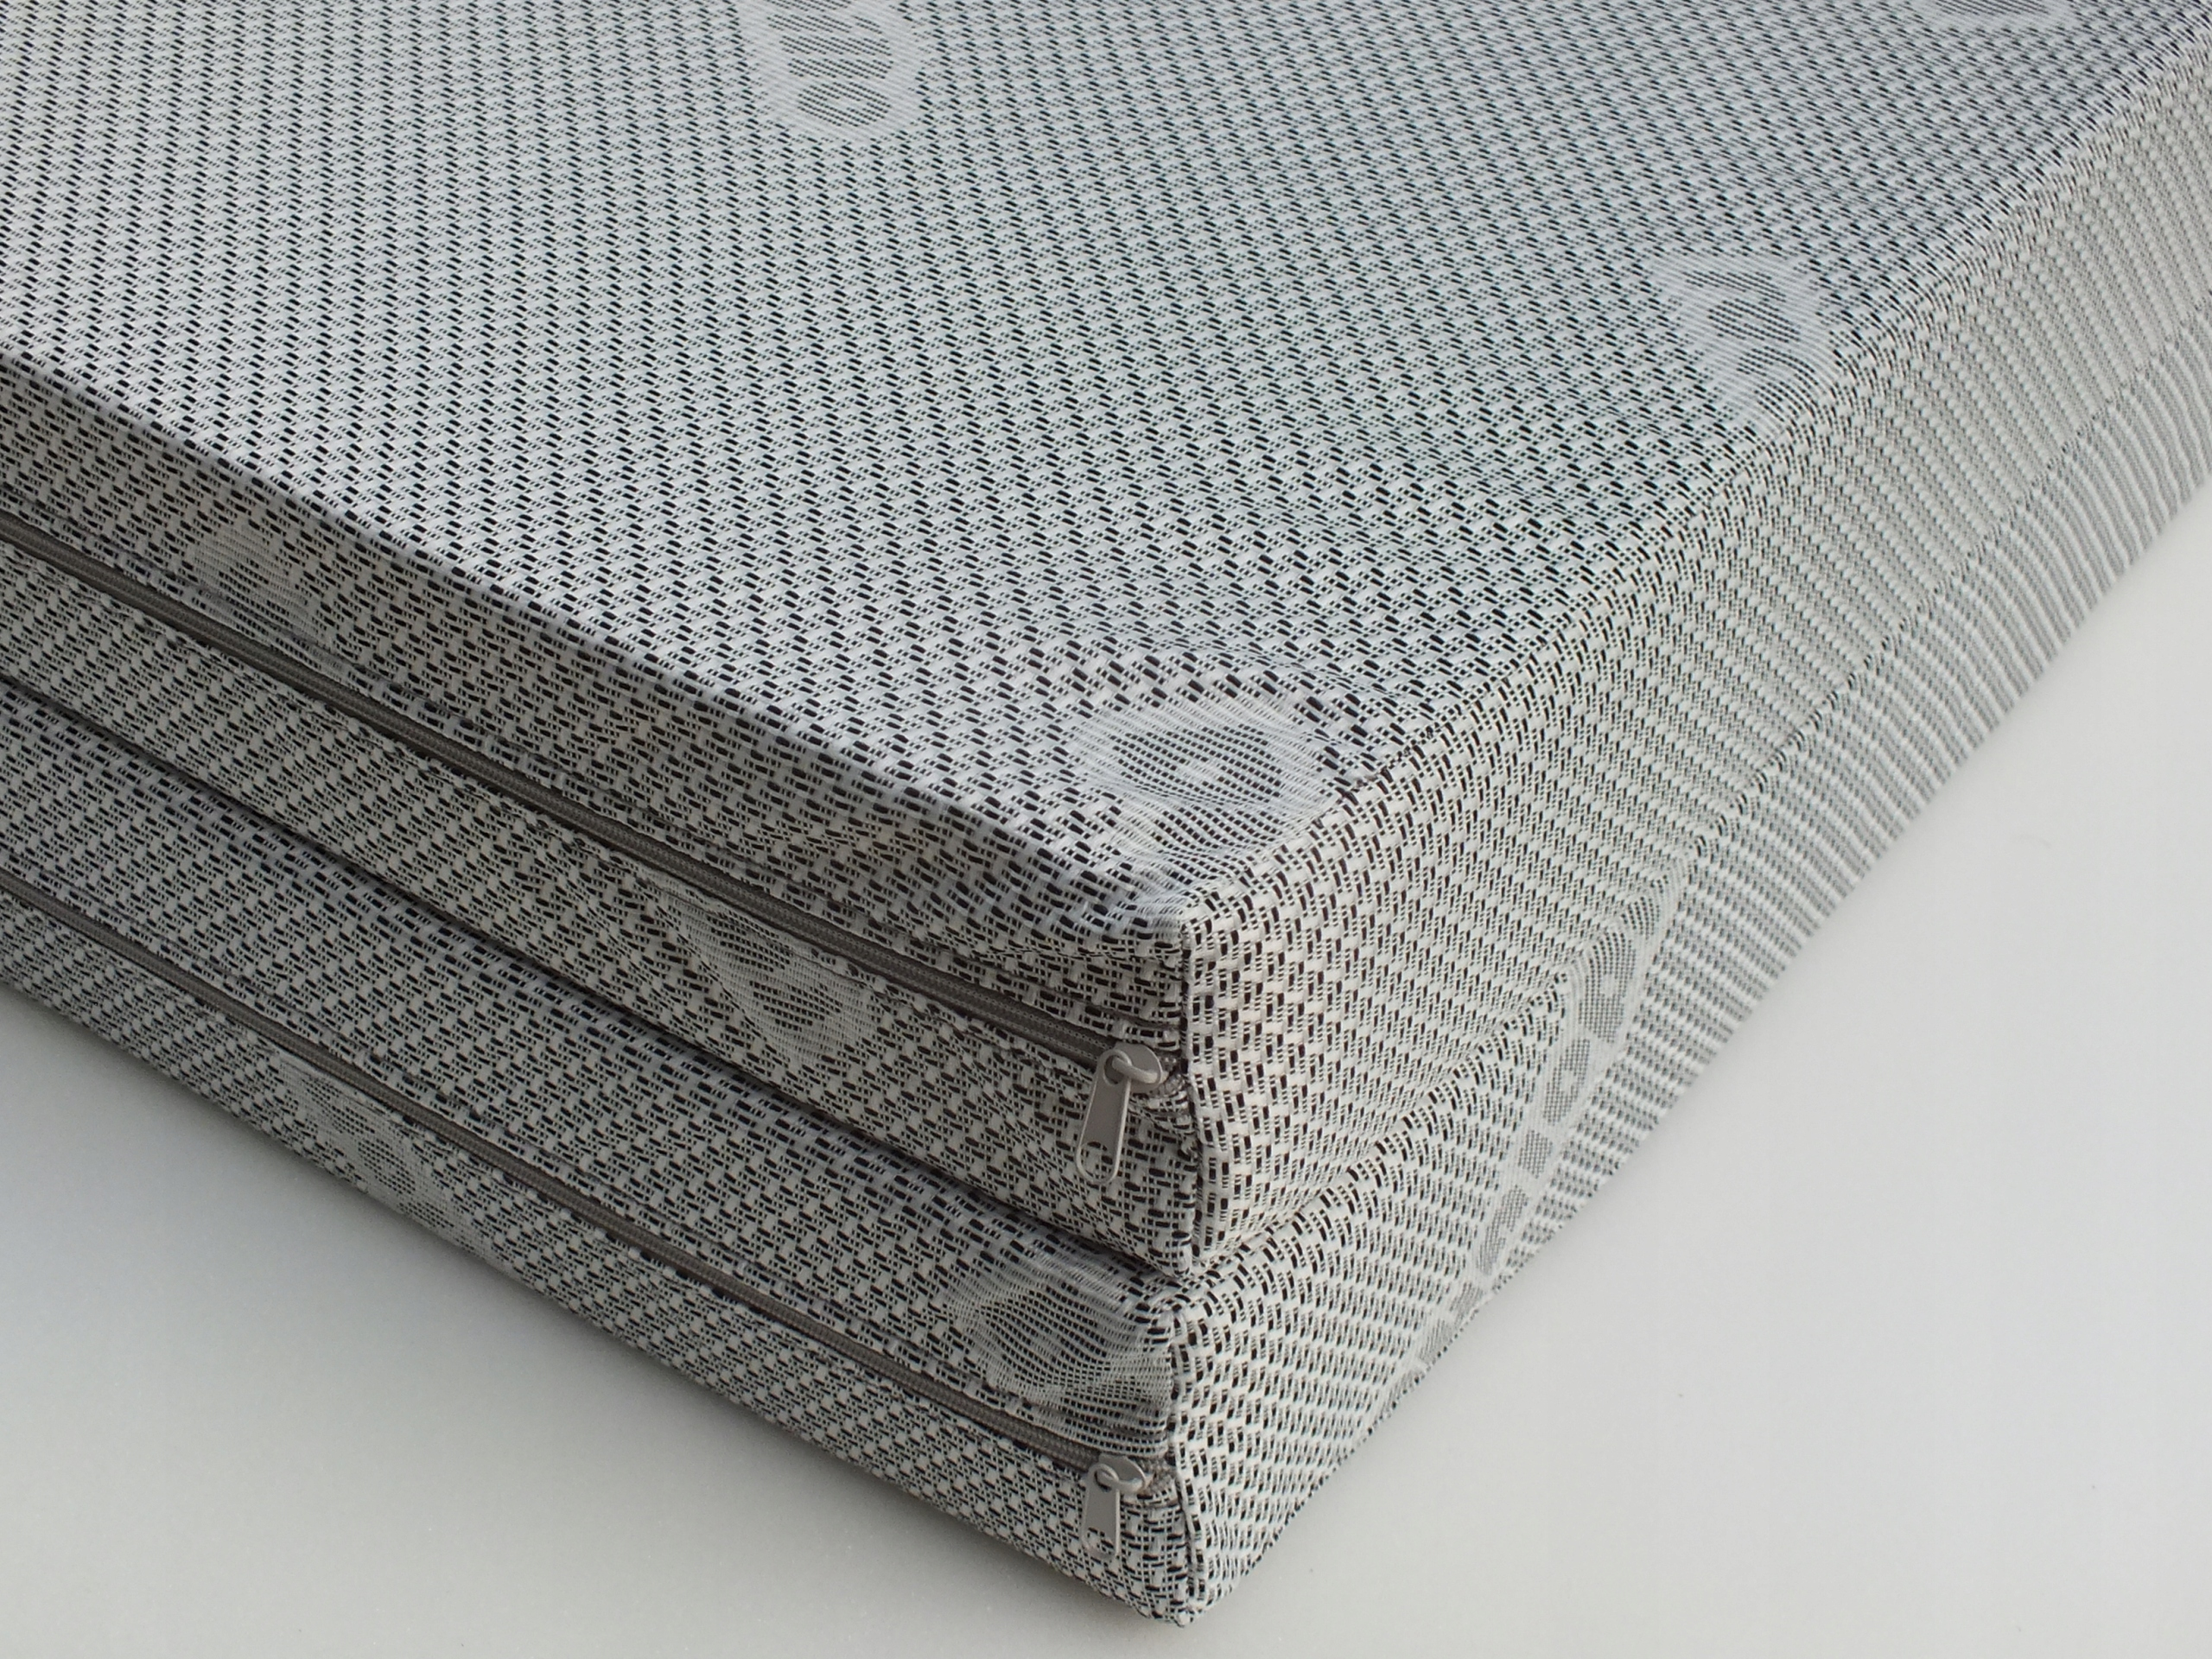 Materac materace do łóżka HEMNES IKEA 80x200x20cm